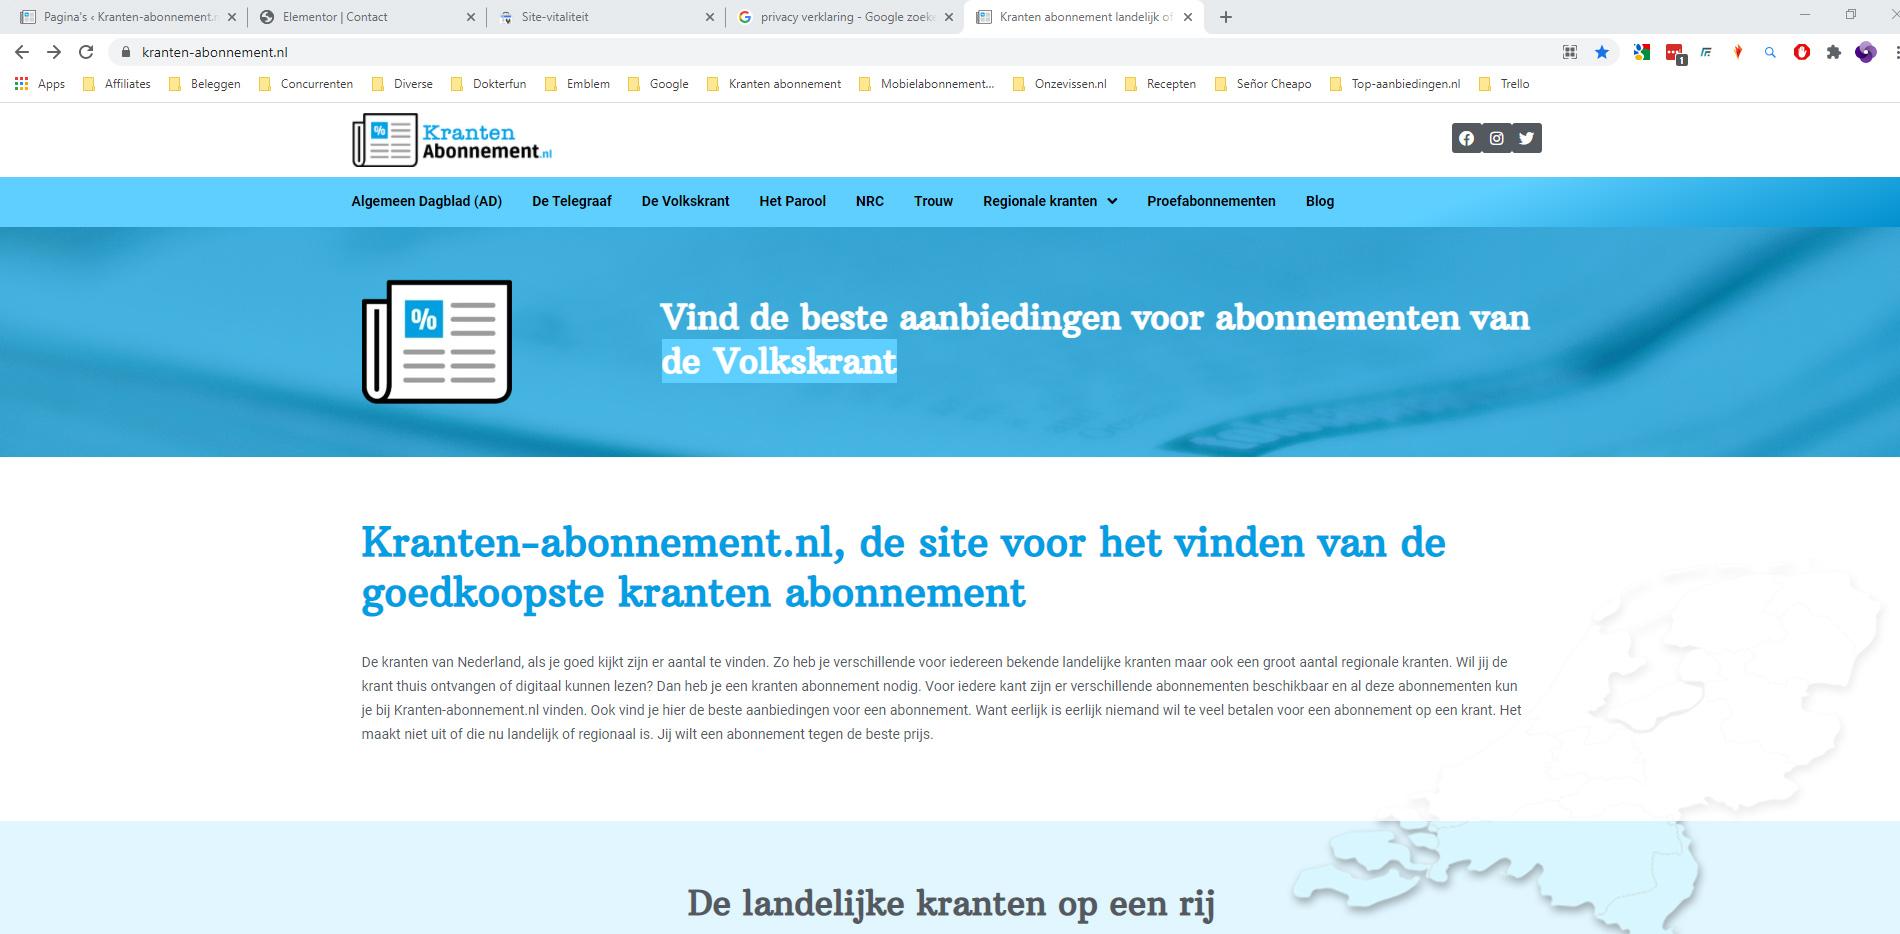 Kranten-abonnement.nl staat sinds vandaag live